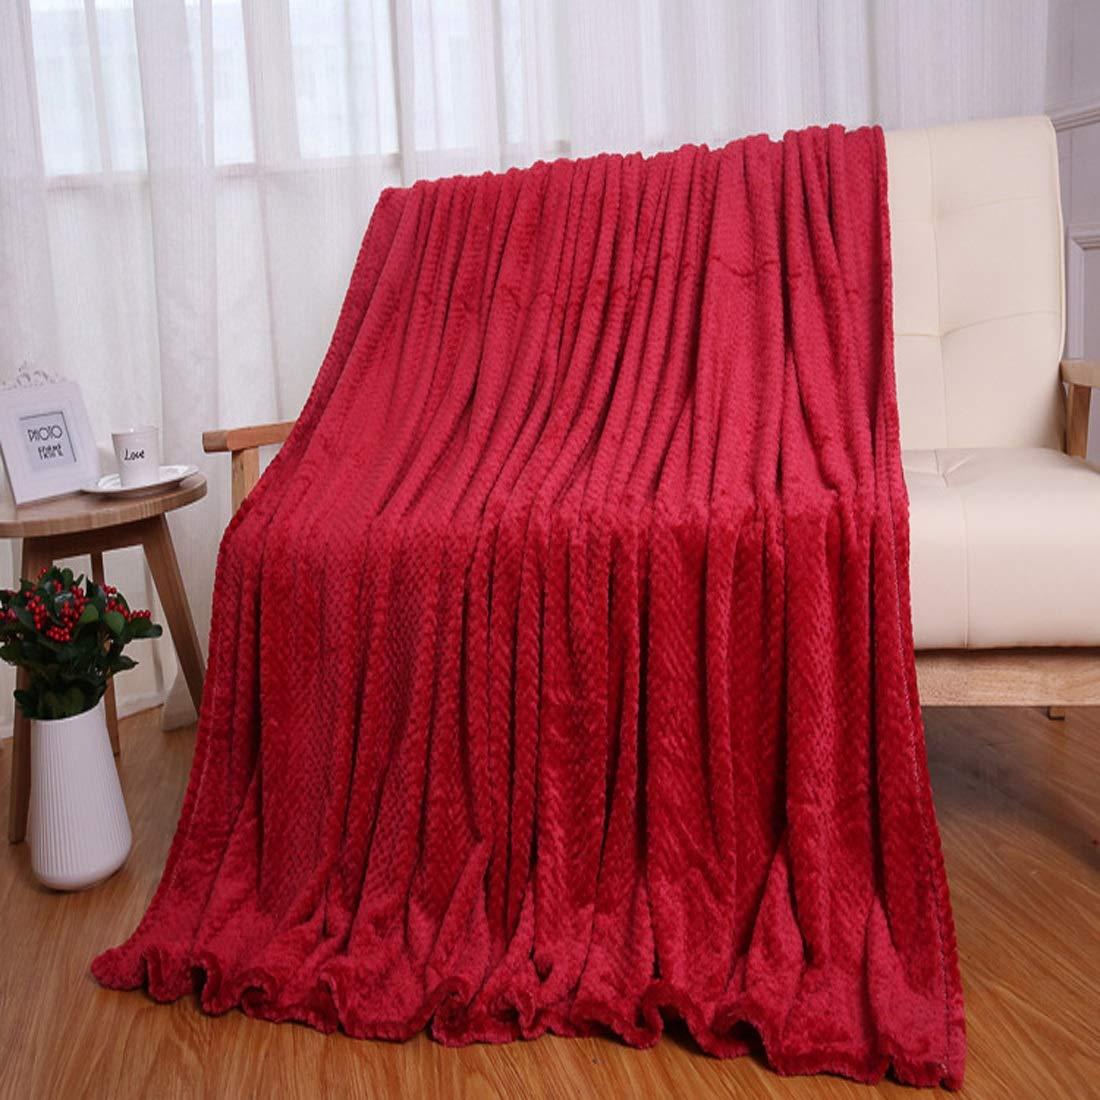 Sdhisi Iu 毛布 二重厚い メッシュ あったか ふわふわ エアコン毛布 敷物 キルト ホームに適し 抗菌防臭 冷房対策 通年使用 (色 : レッド) B07T6ZKPQQ レッド